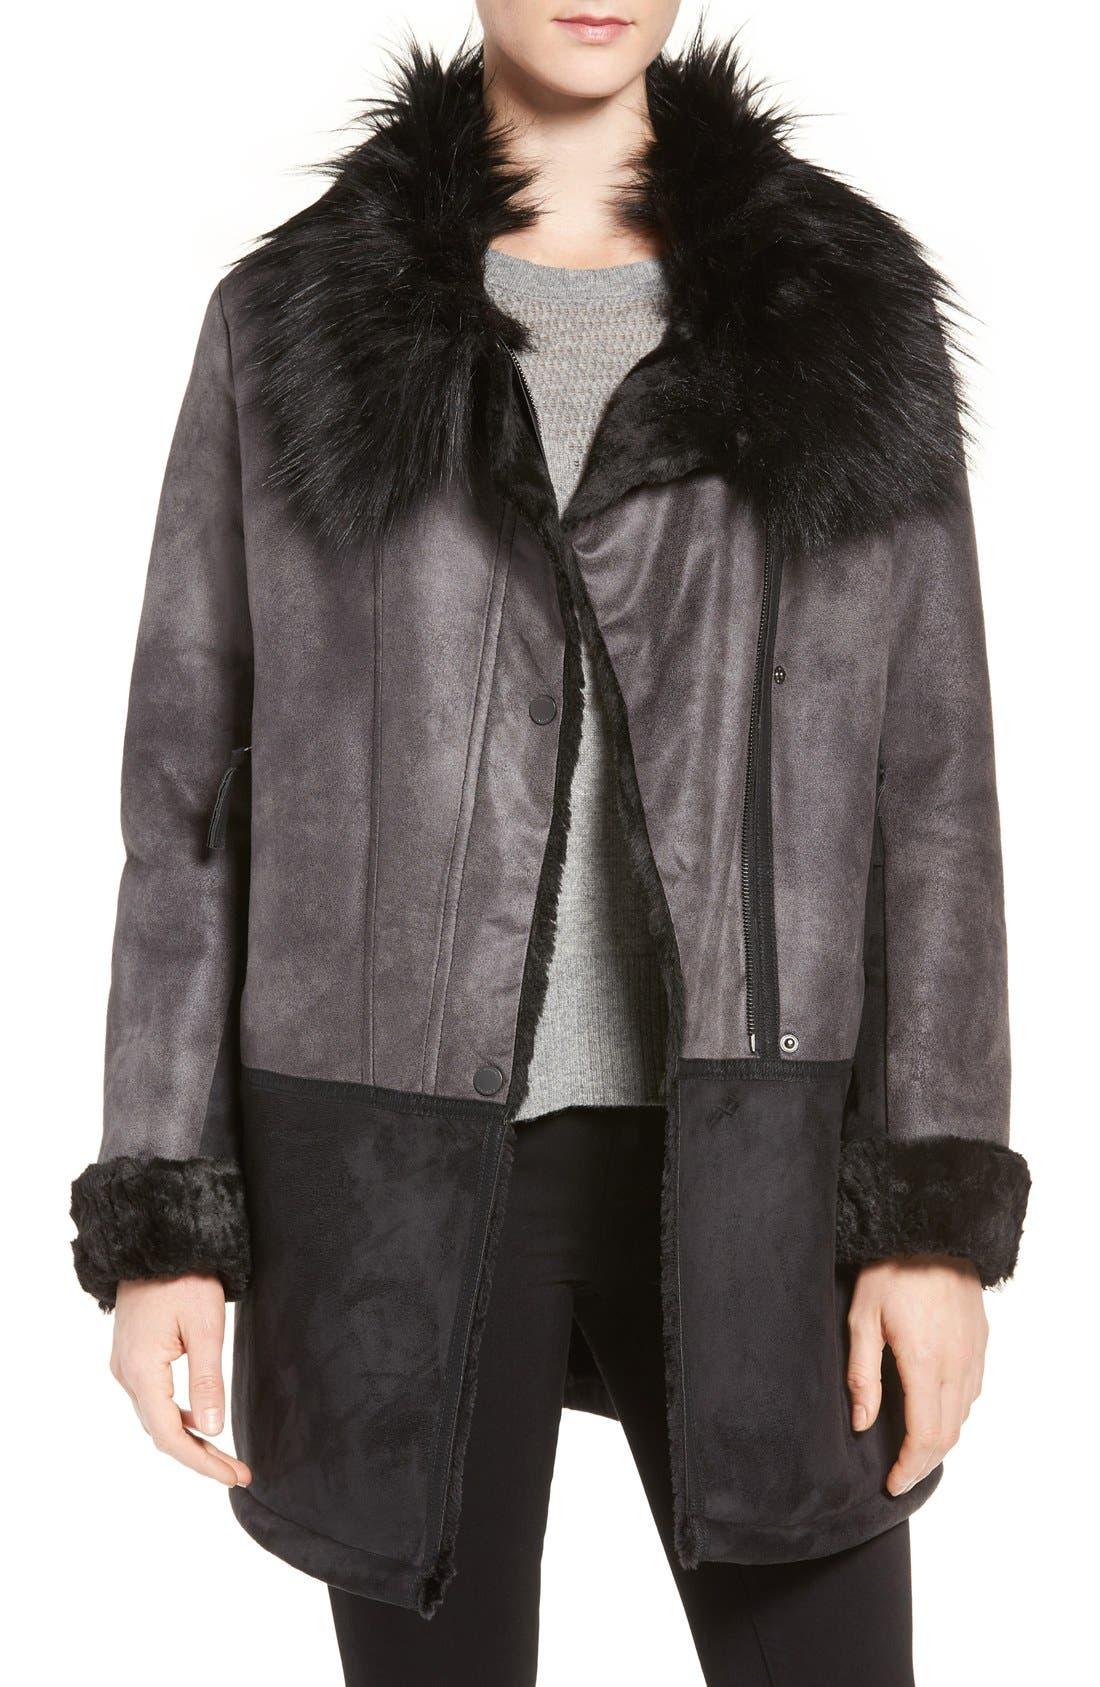 Alternate Image 1 Selected - Tahari Faux Shearling Coat with Faux Fur Trim